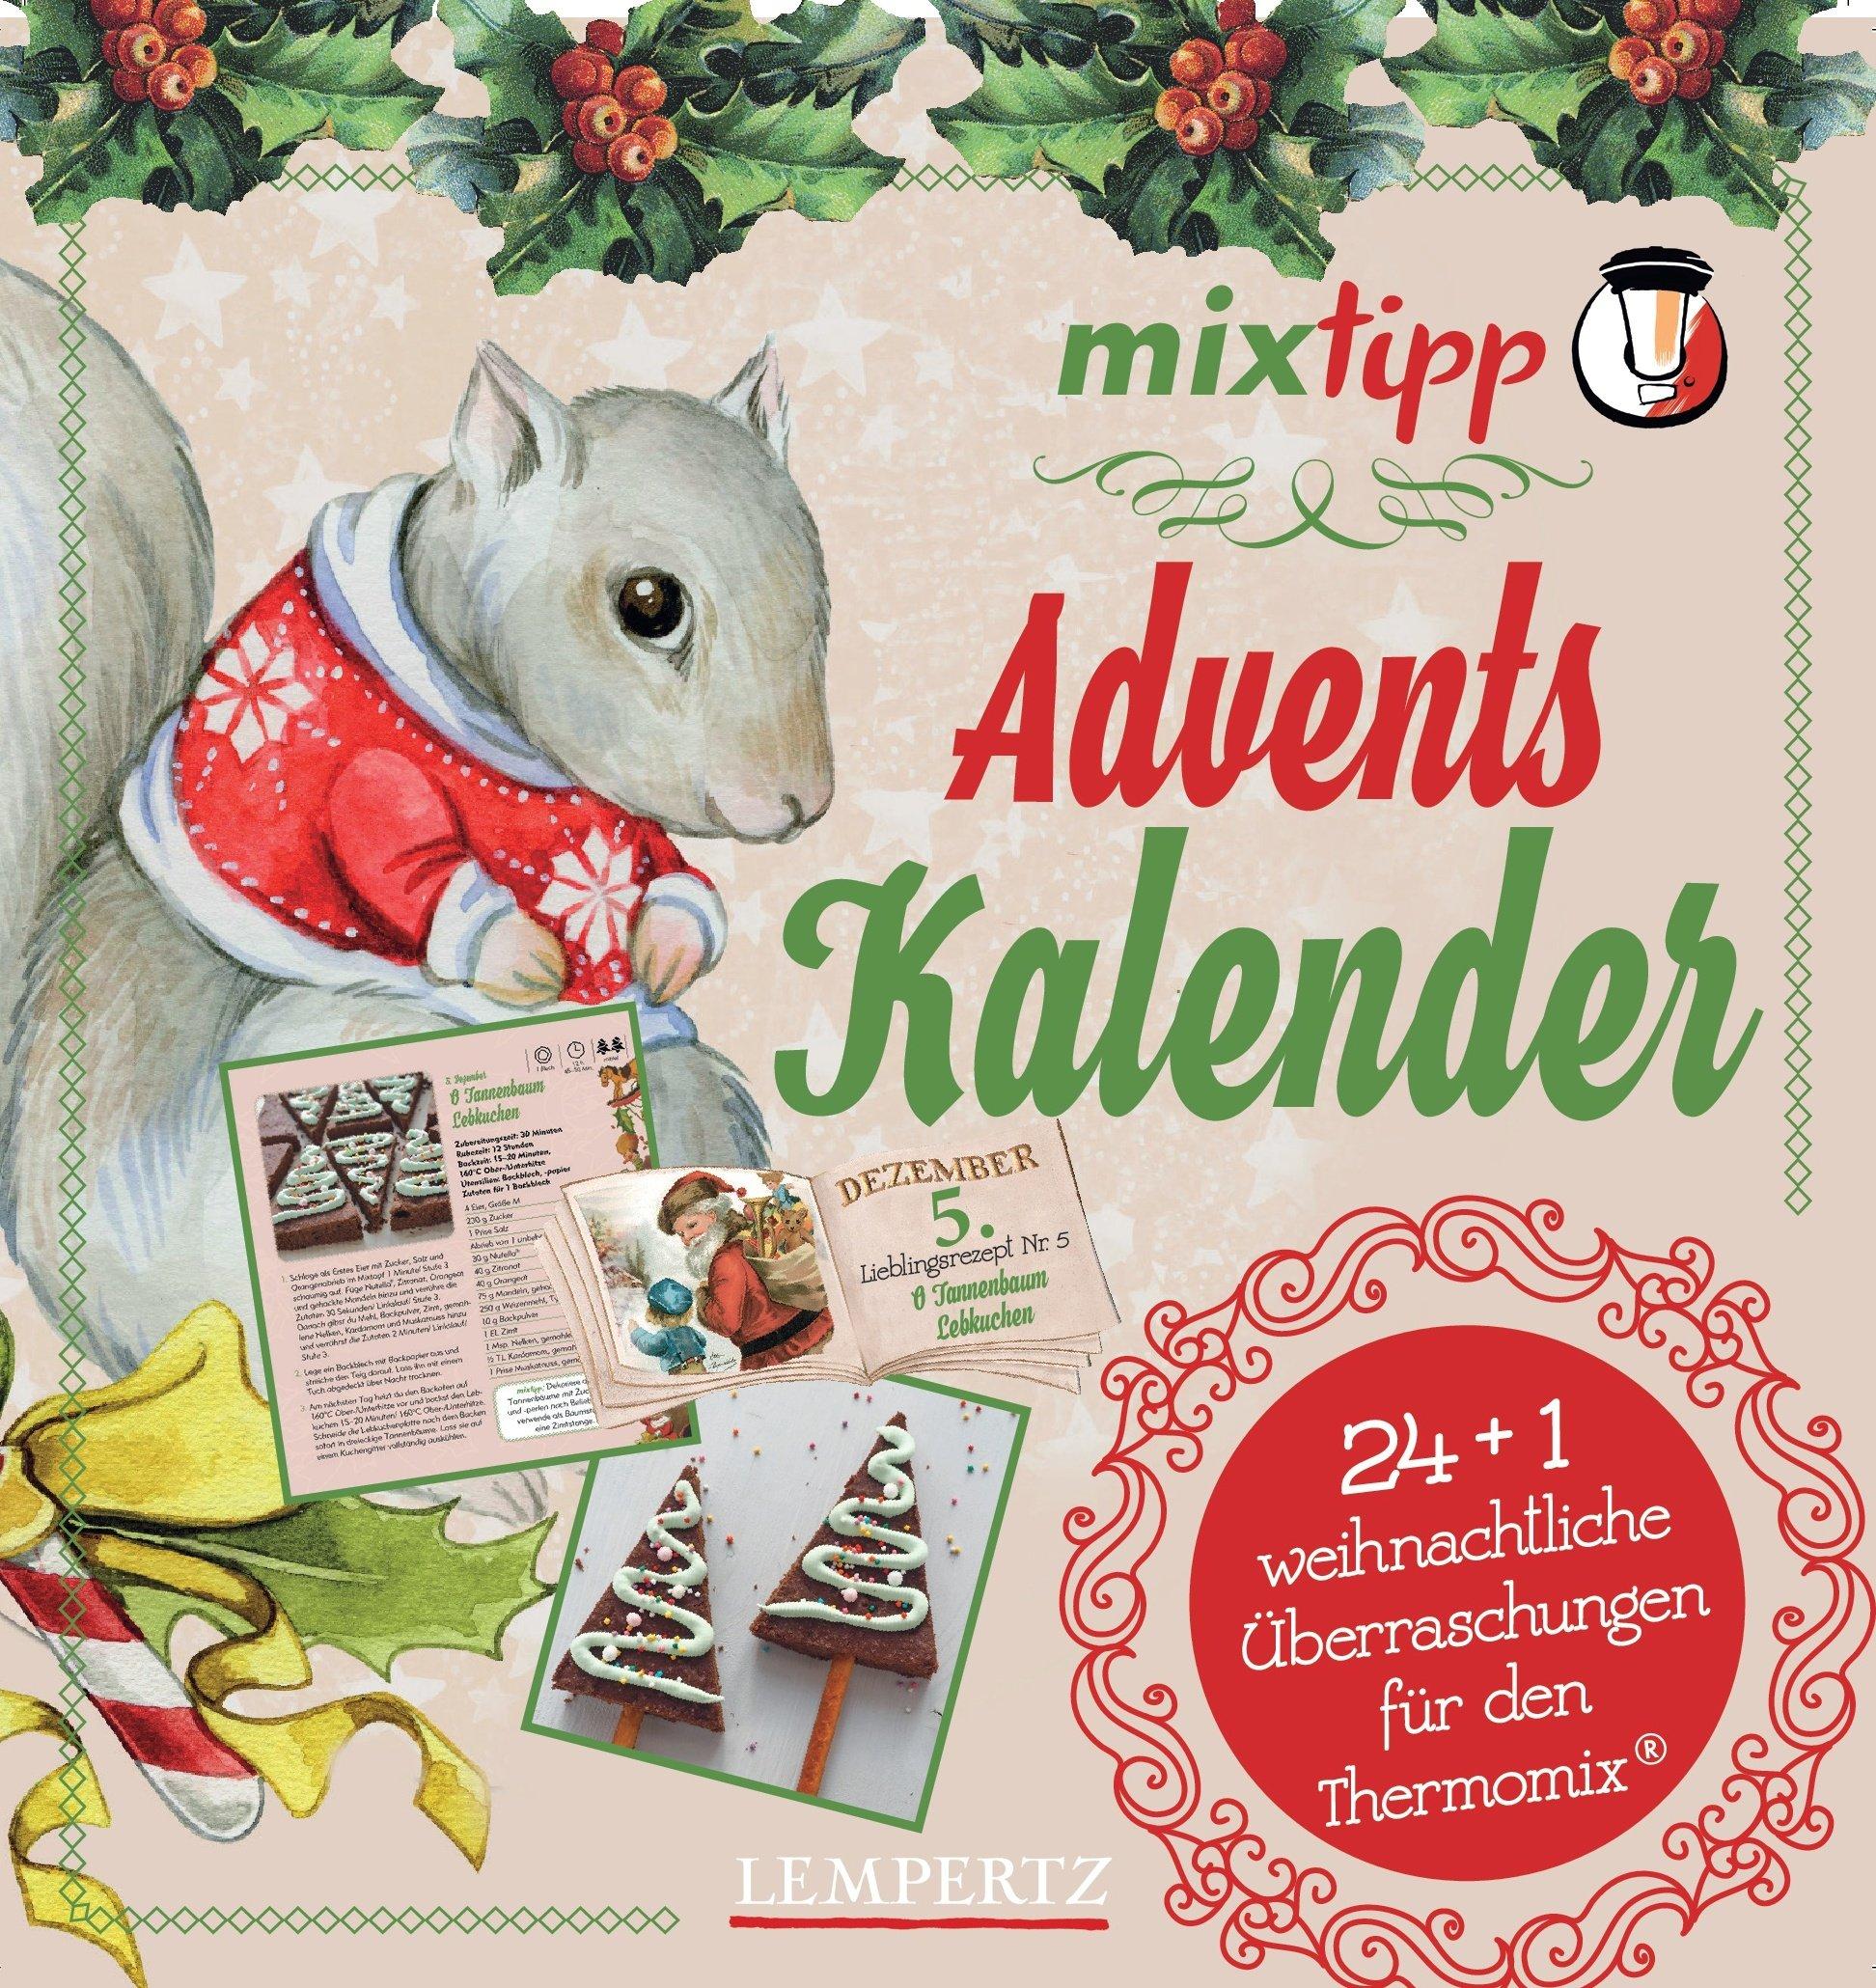 mixtipp: Adventskalender (Kochen mit dem Thermomix®) Kalender – Adventskalender, 29. Juni 2018 Antje Watermann 3960581955 Themenkochbücher Weihnachten